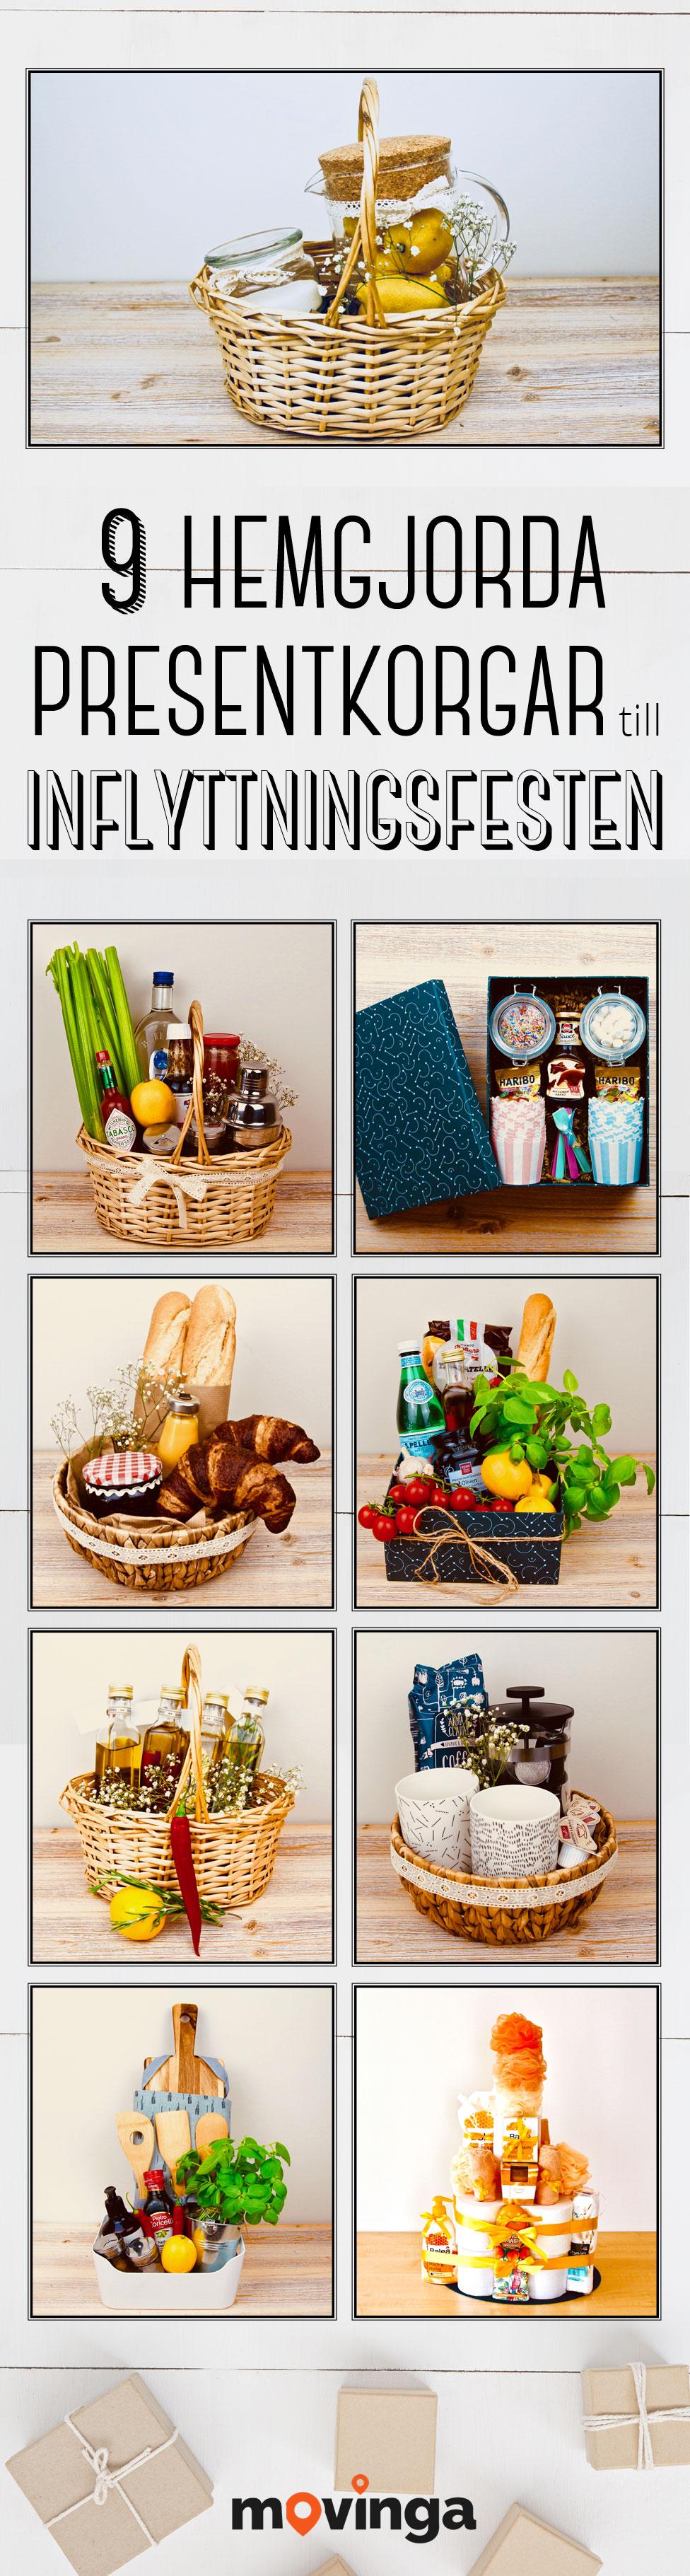 9 olika presentkorgar- och torn: presenttorn, kockens korg, kaffekorg, korg med olivolja, frukostkorg, pastakorg, glasskorg, bloody mary-korg och lemonadkorg